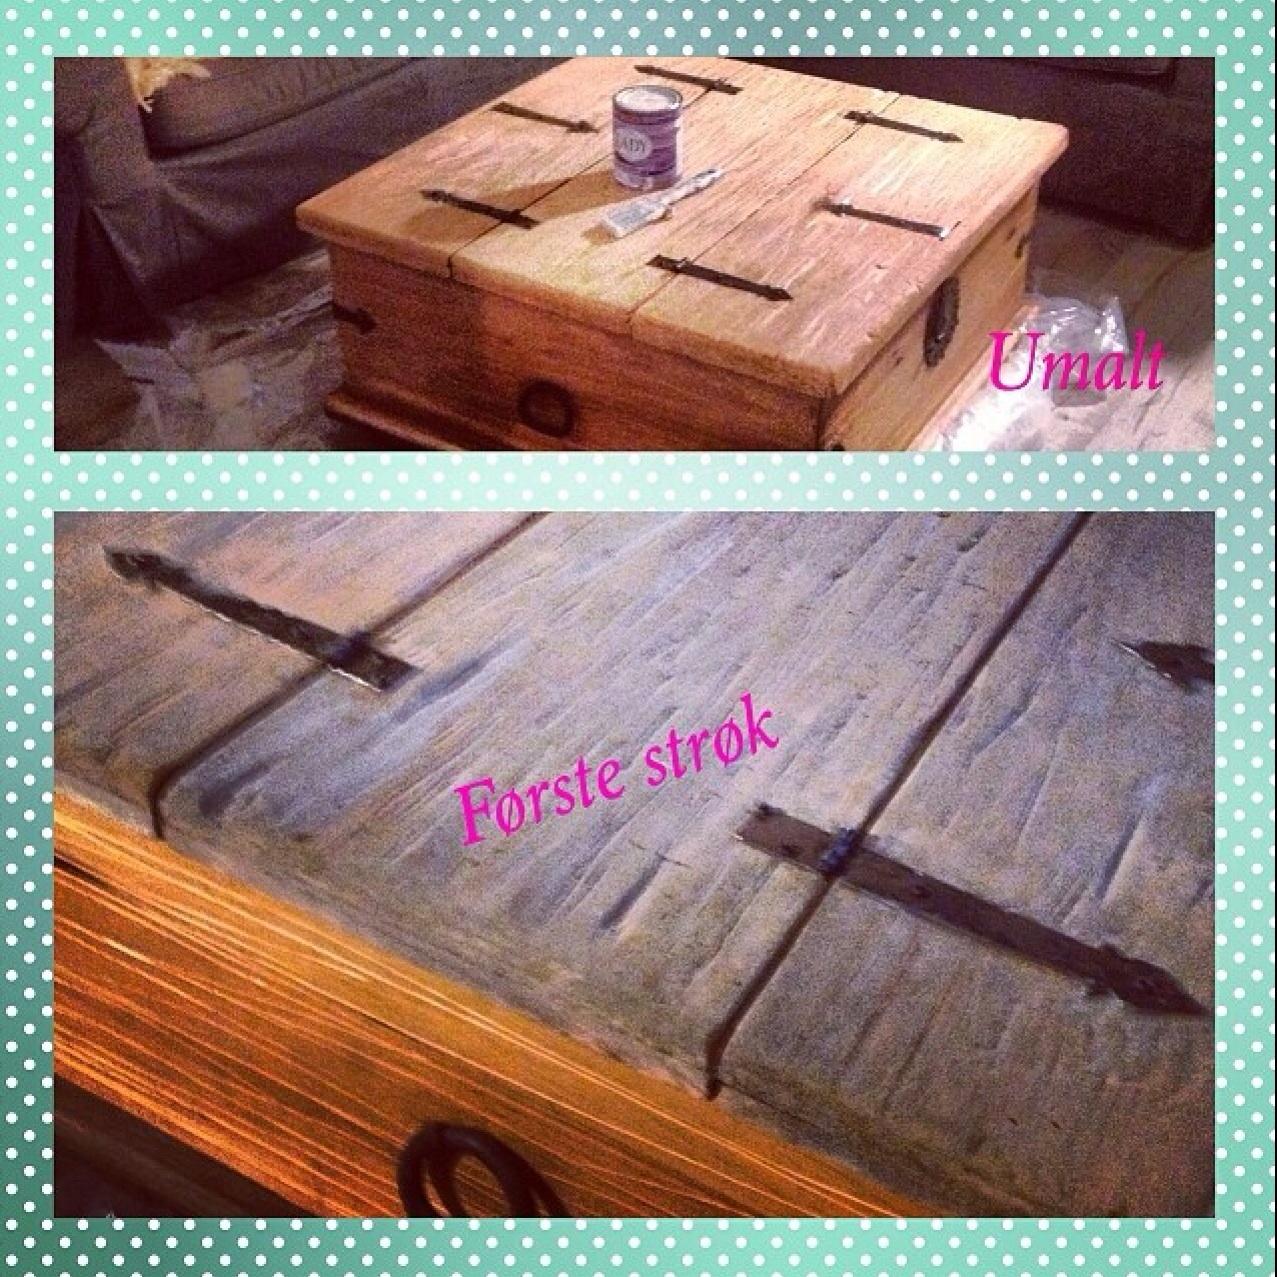 Gammelt kistebord, som er blitt herpet, hakket og rubbet i....